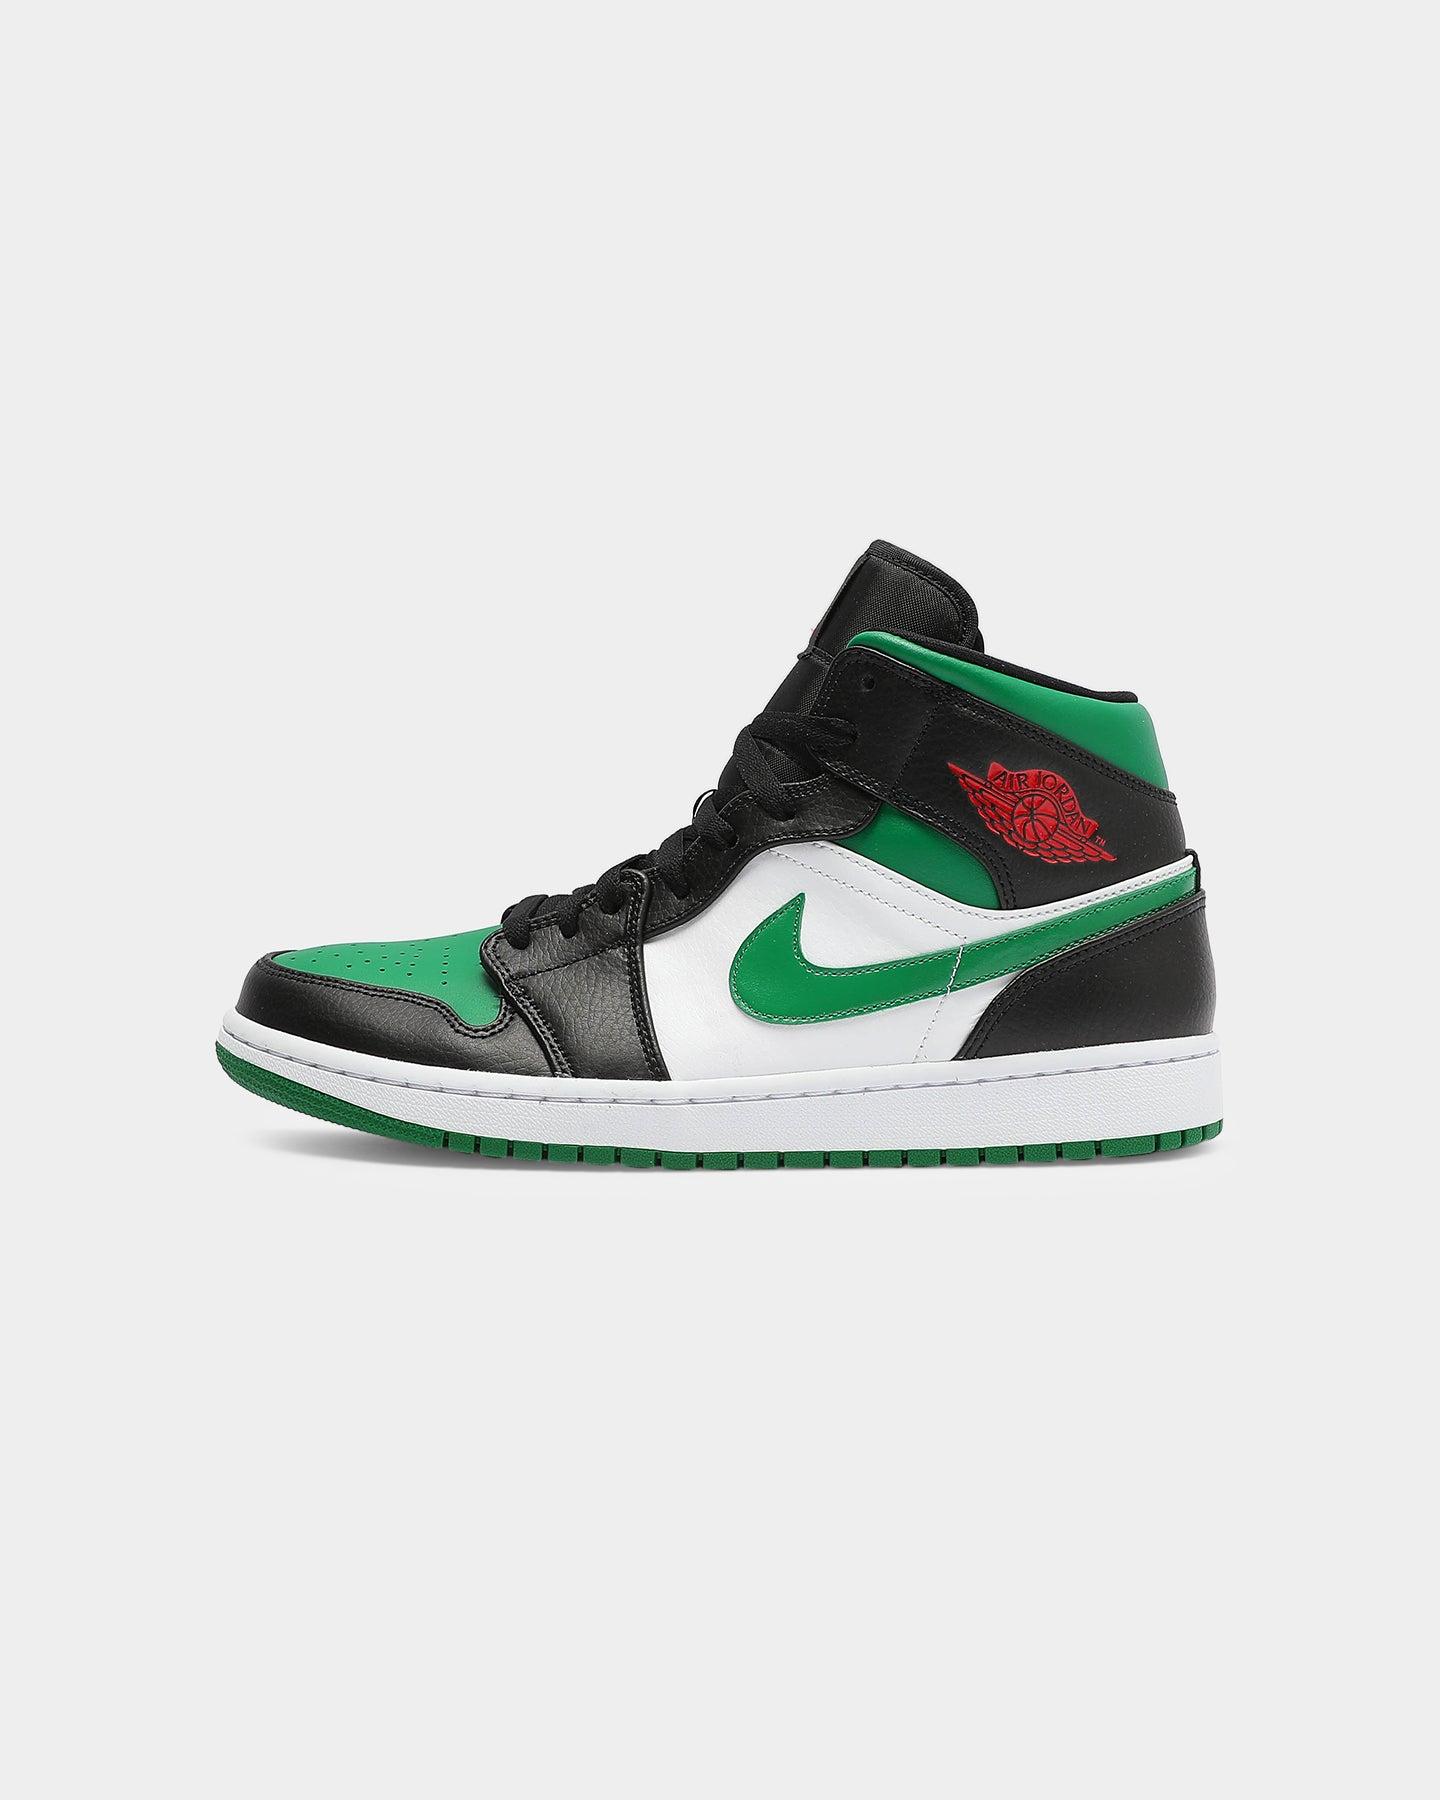 Jordan Air Jordan 1 Mid Black/Green